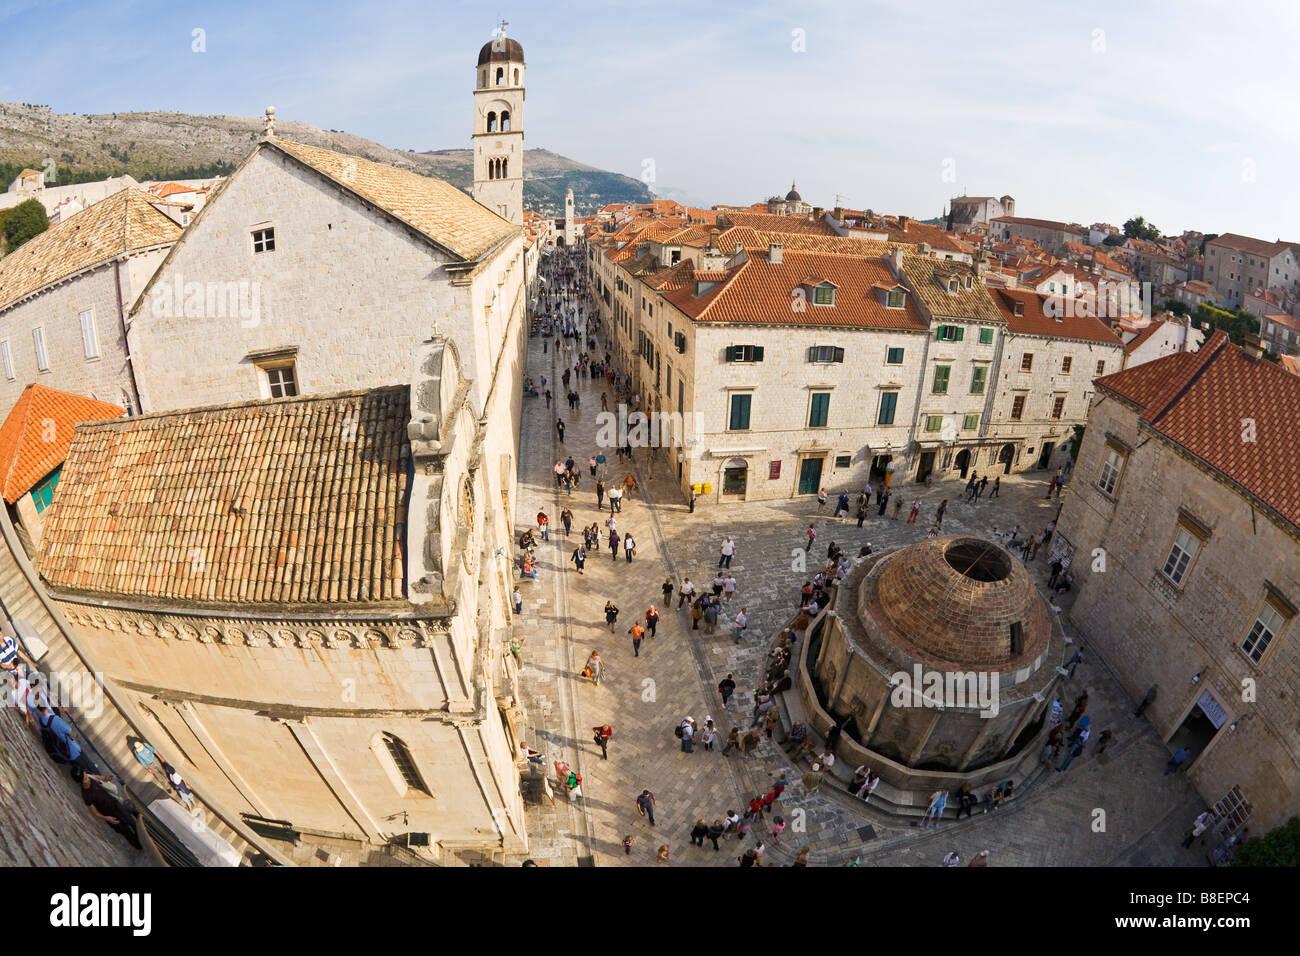 Blick von der Stadtmauer mit große Onofrio Brunnen Stradun von Pile-Tor und Franziskanerkloster Glockenturm Dubrovnik Stockfoto